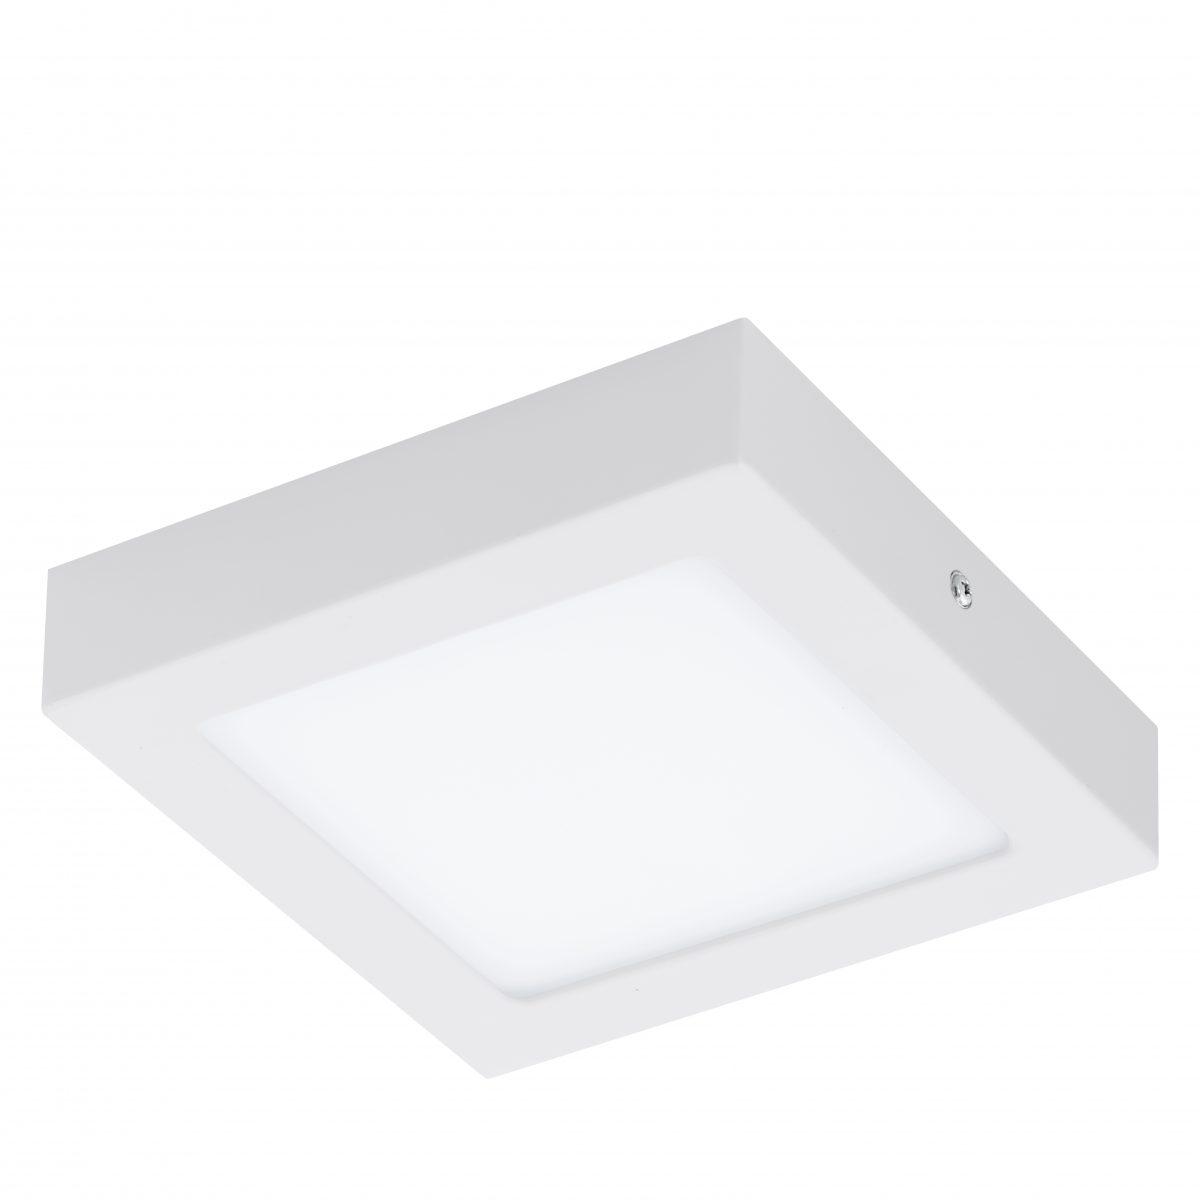 Светильник настенно-потолочный FUEVA 1 EGLO 94073 - Фото №28